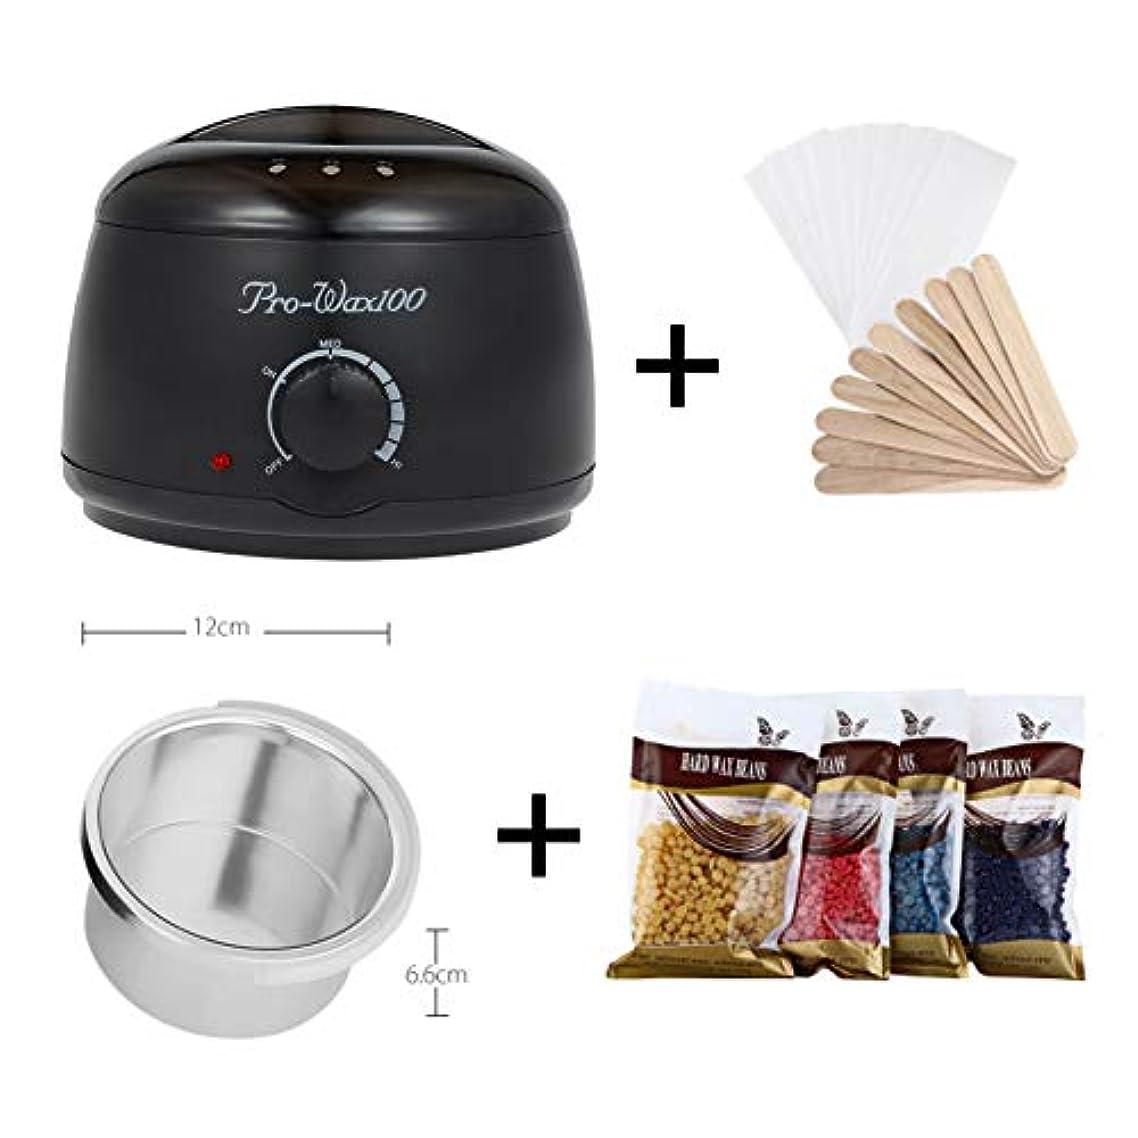 話す噴火アドバイスProfessional Mini Wax Heater Hair Removal Tool Epilator Wax Warmer Hand Epilator Wax Machine with Temperature...